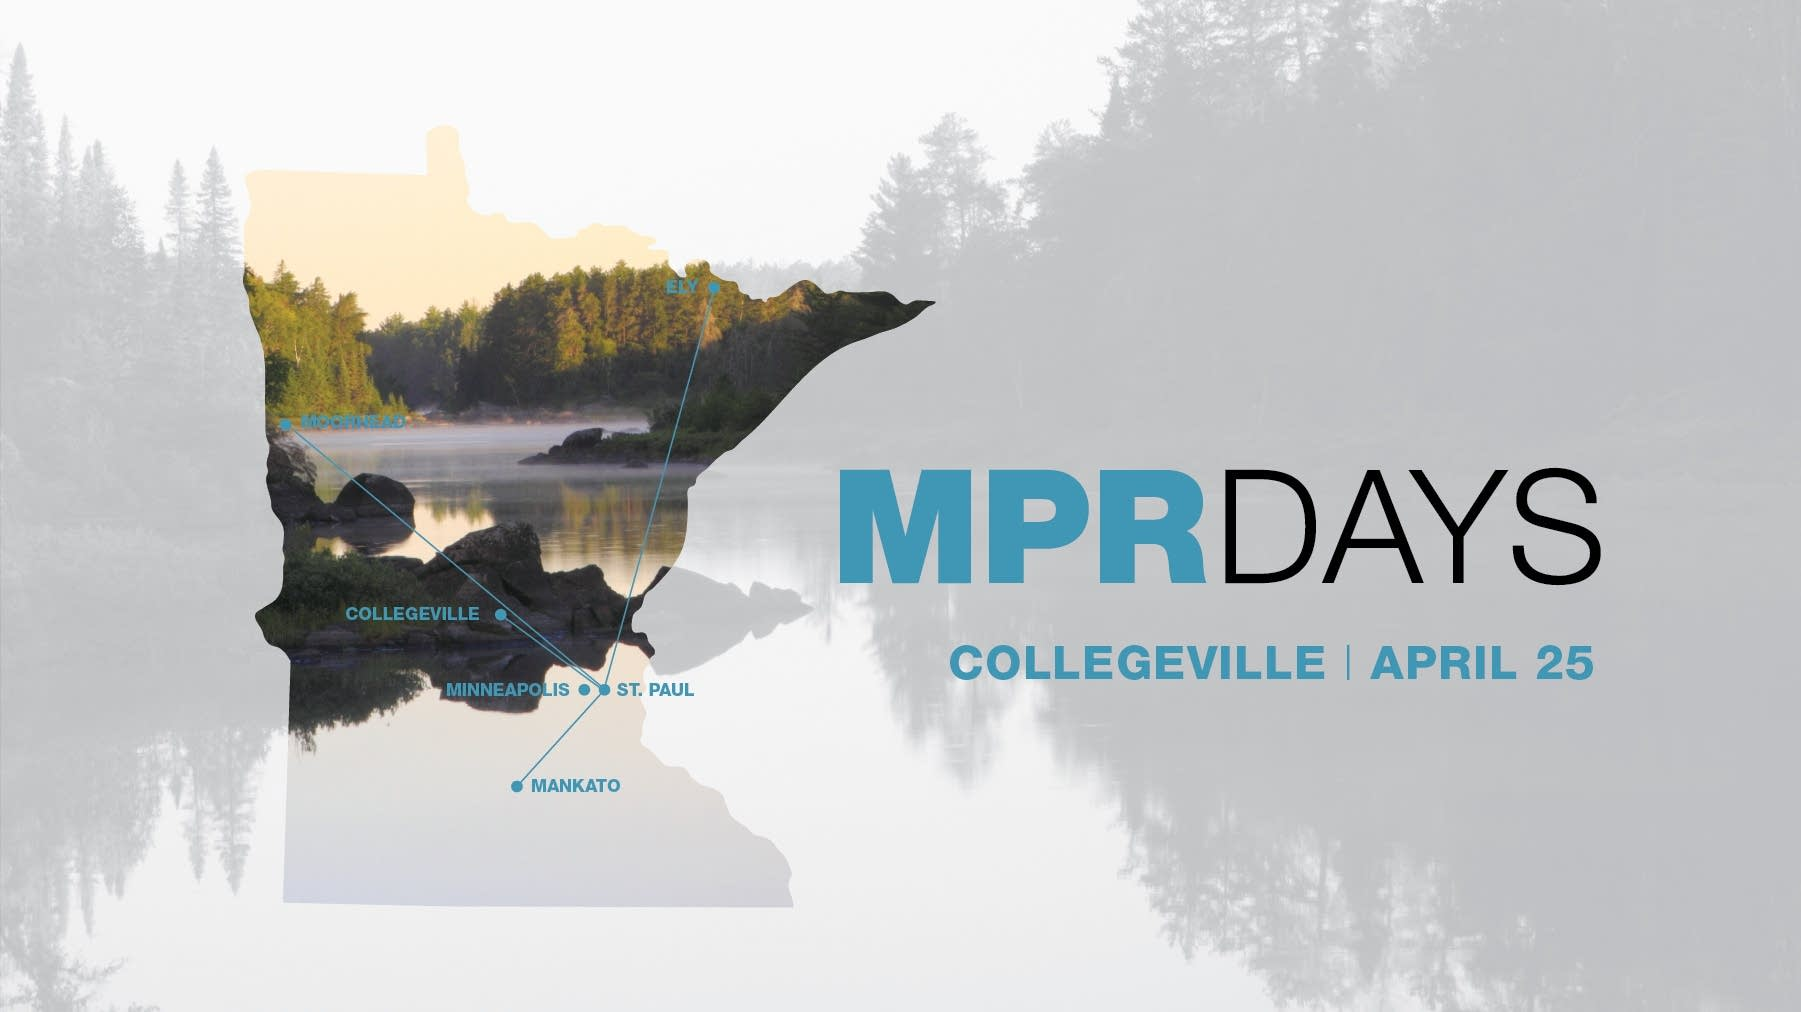 MPR Days in Collegeville, Minnesota